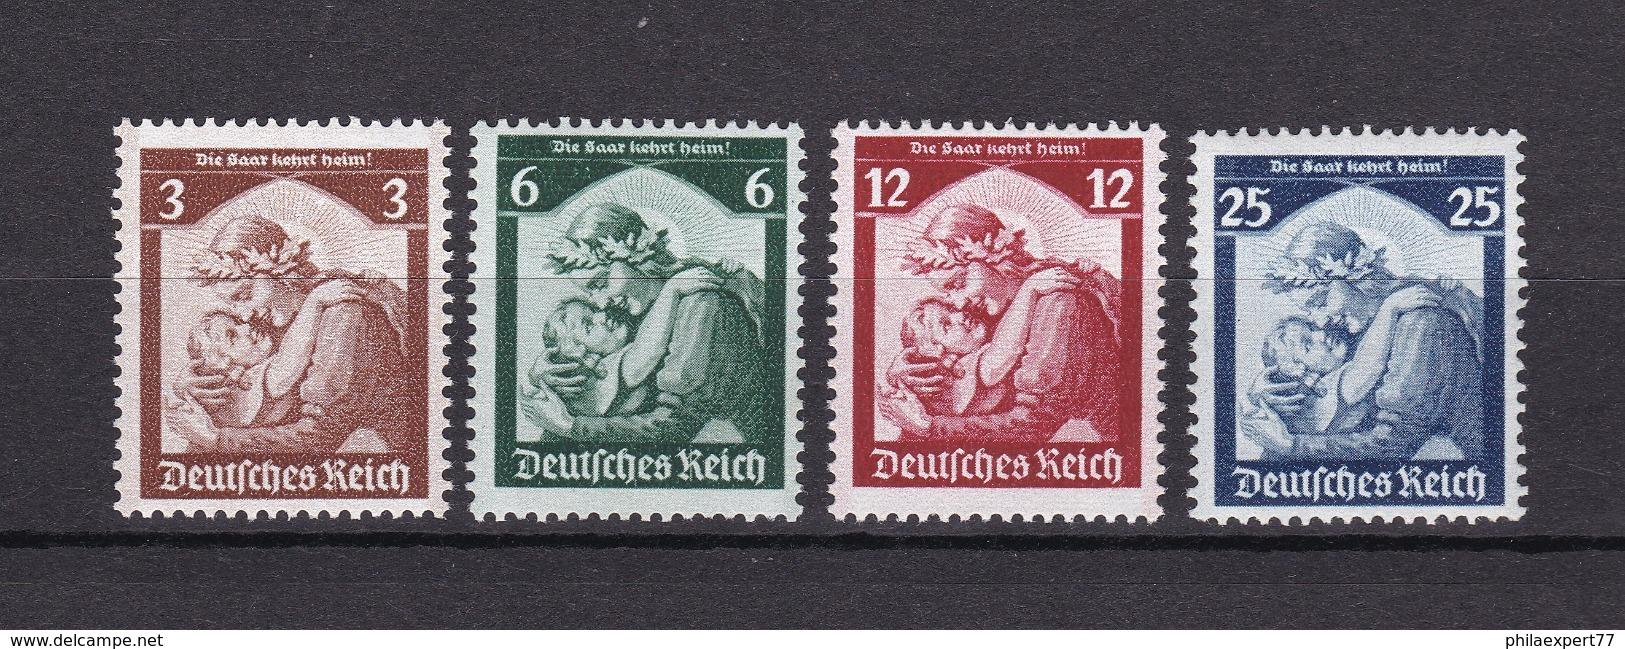 Deutsches Reich - 1935 - Michel Nr. 565/568 - Postfrisch - 120 Euro - Germany